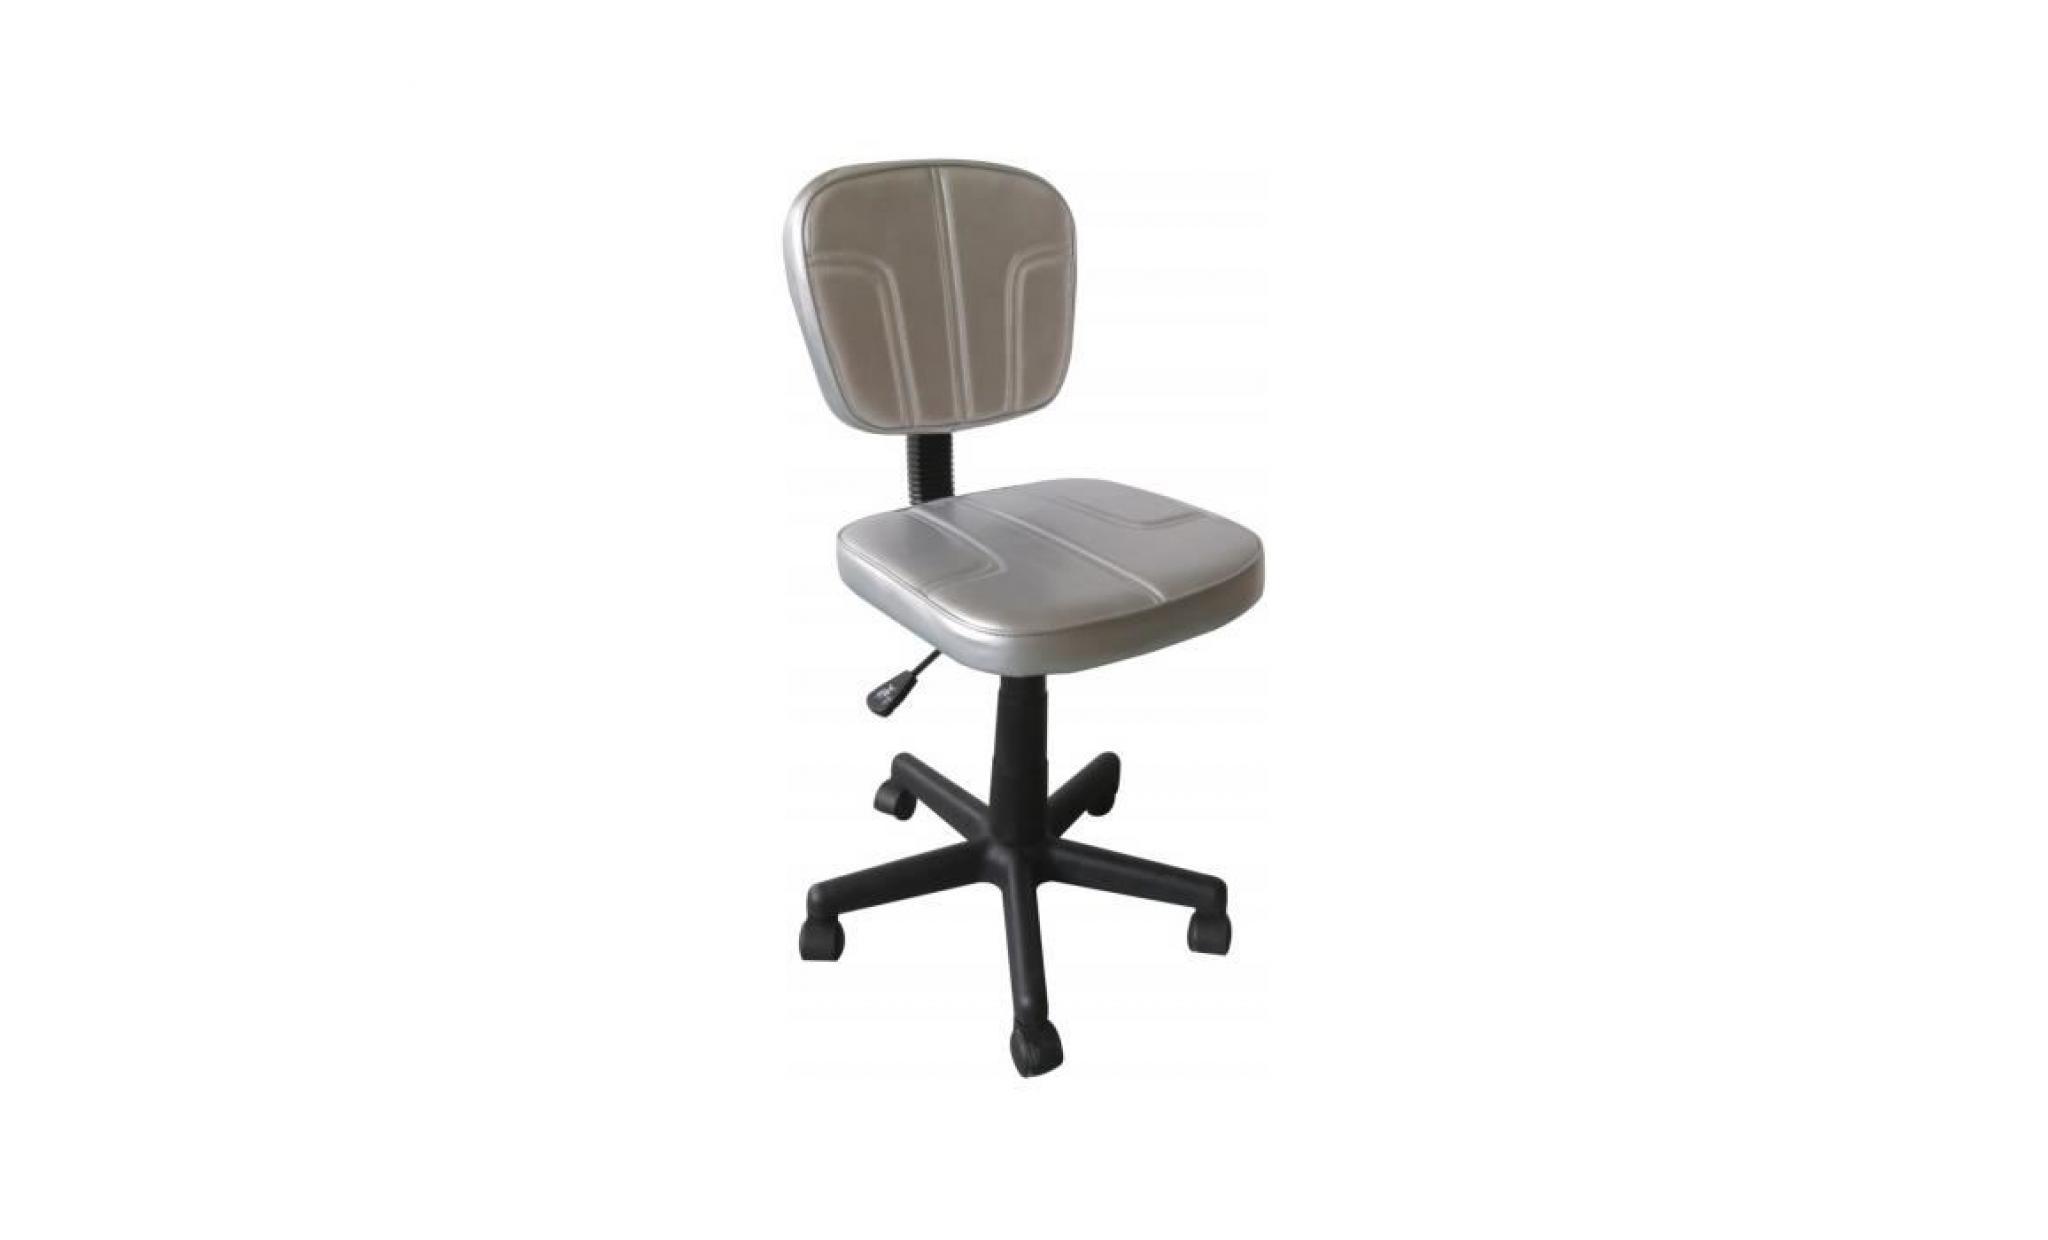 chaise enfant 75 cm reglable en hauteur en pu coloris argent avec pietement en polypropylene p 41999 co argente achat vente fauteuil de bureau pas cher couleur et design fr